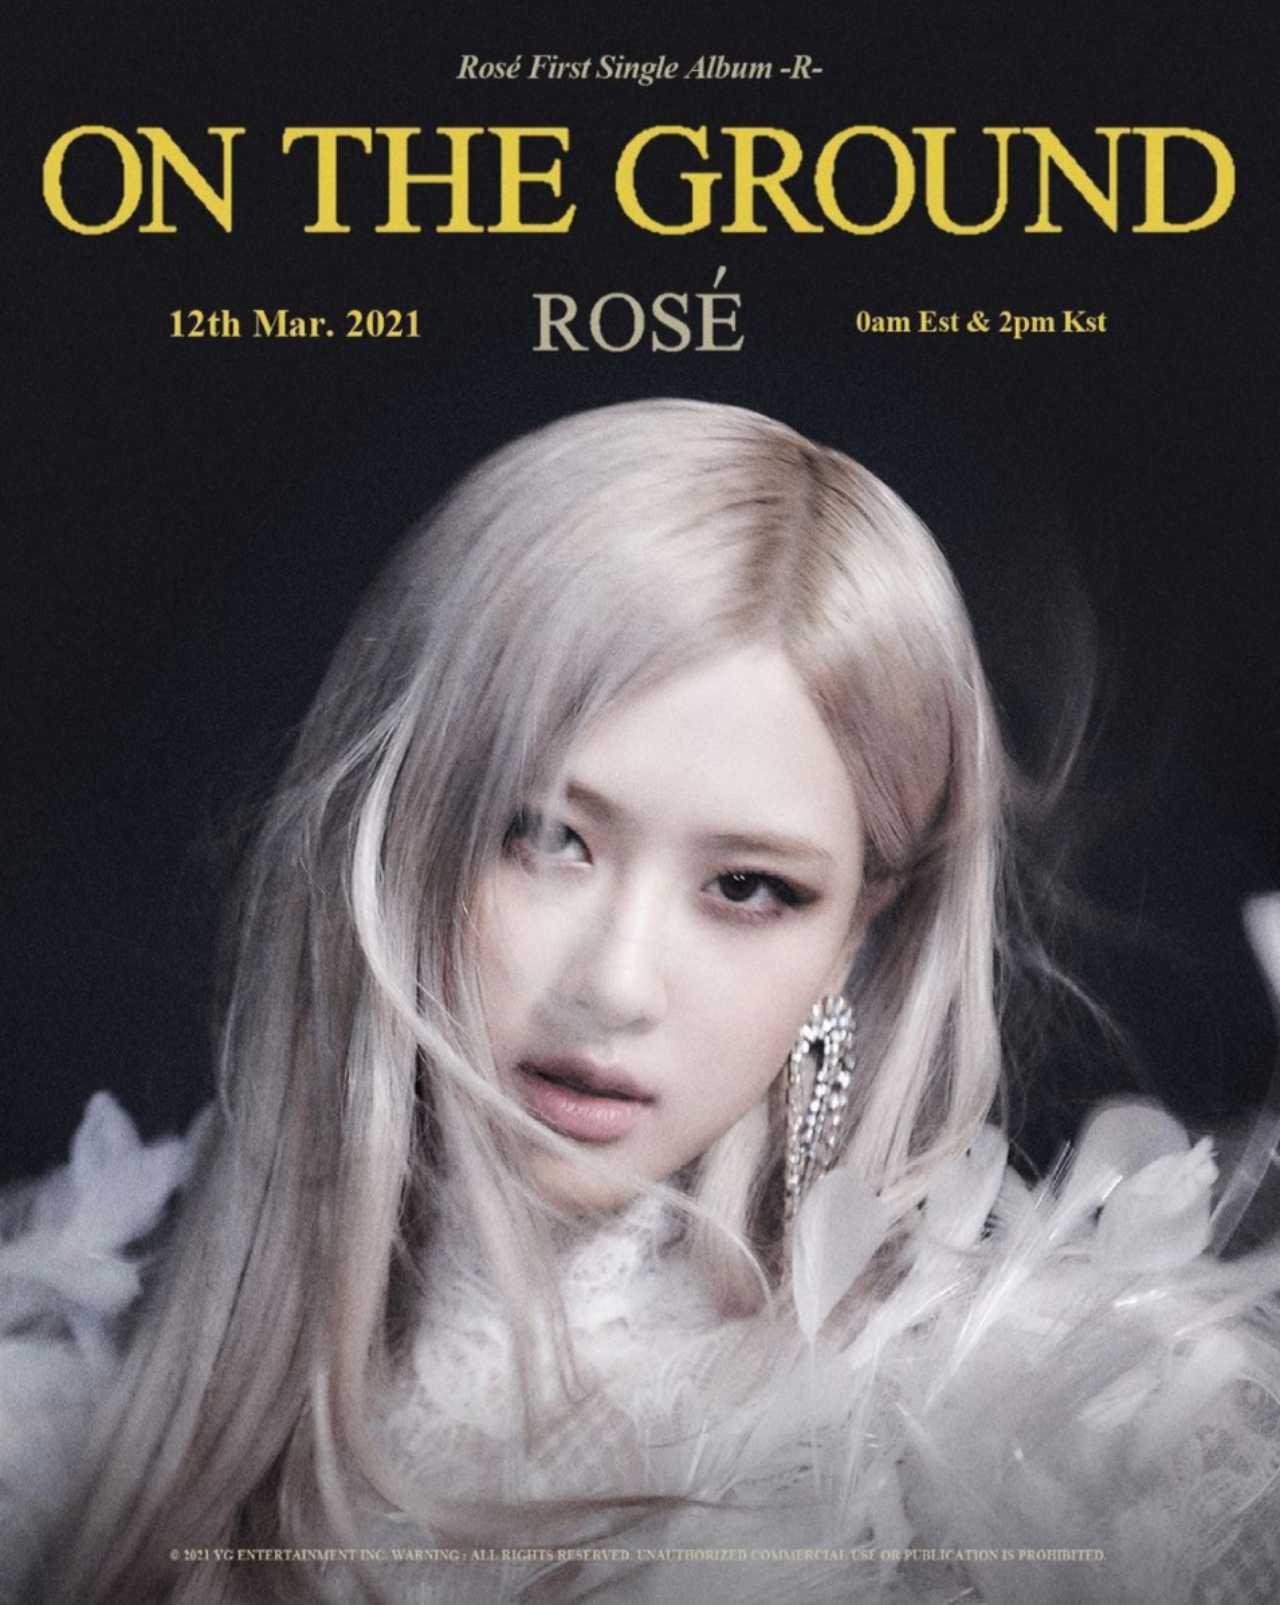 Rosé de BLACKPINK lanza su sencillo como solista